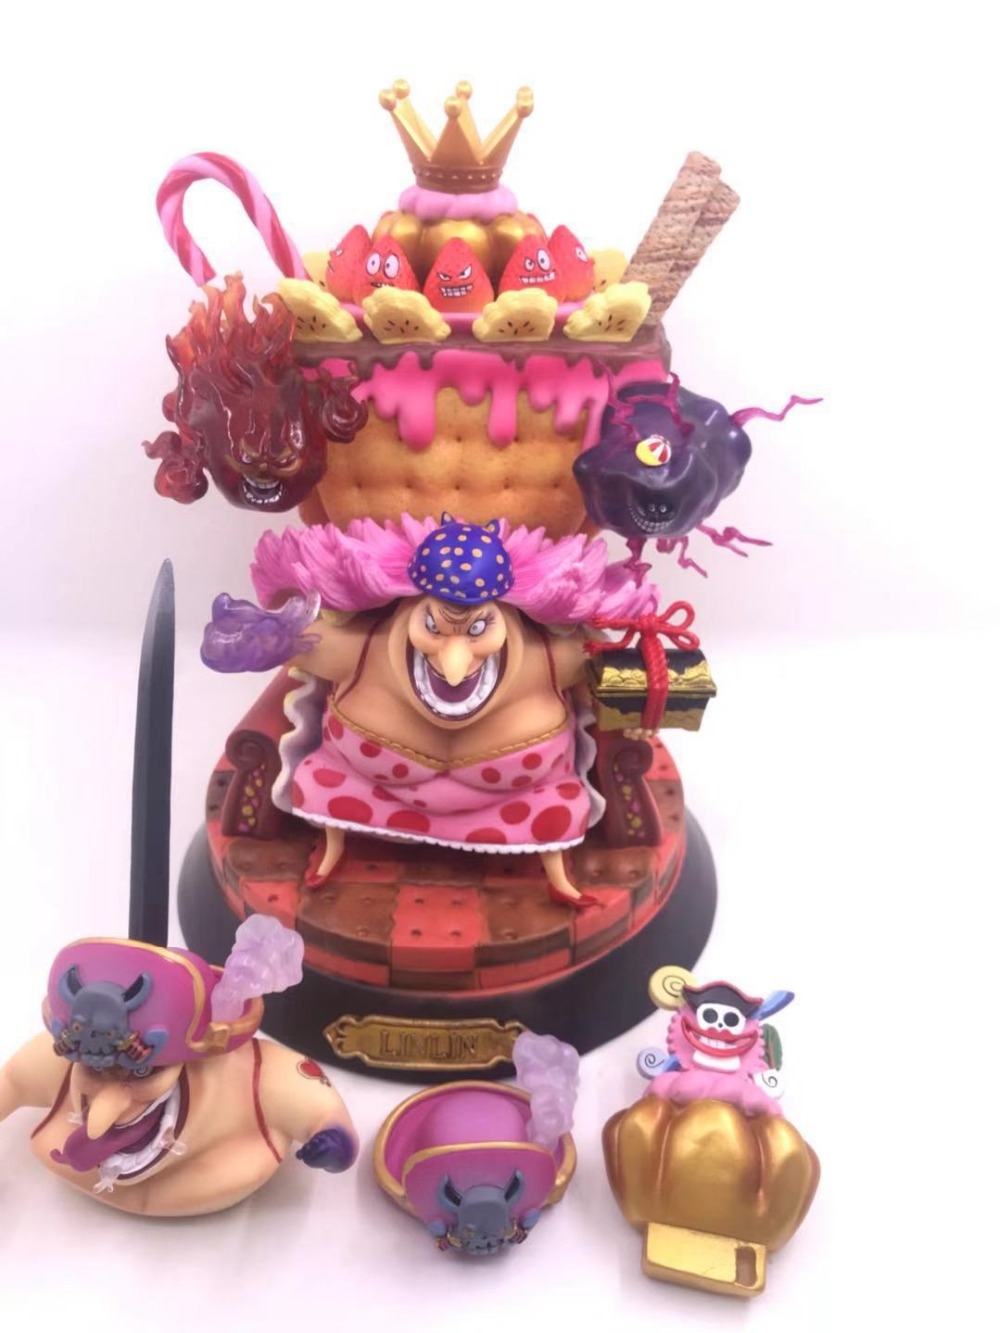 Anime di Un Pezzo Figura di Azione di Charlotte Linlin Trono BIG MOM Bambole Decorazione Collection Figurine Giocattoli Regali di Natale 25 cm